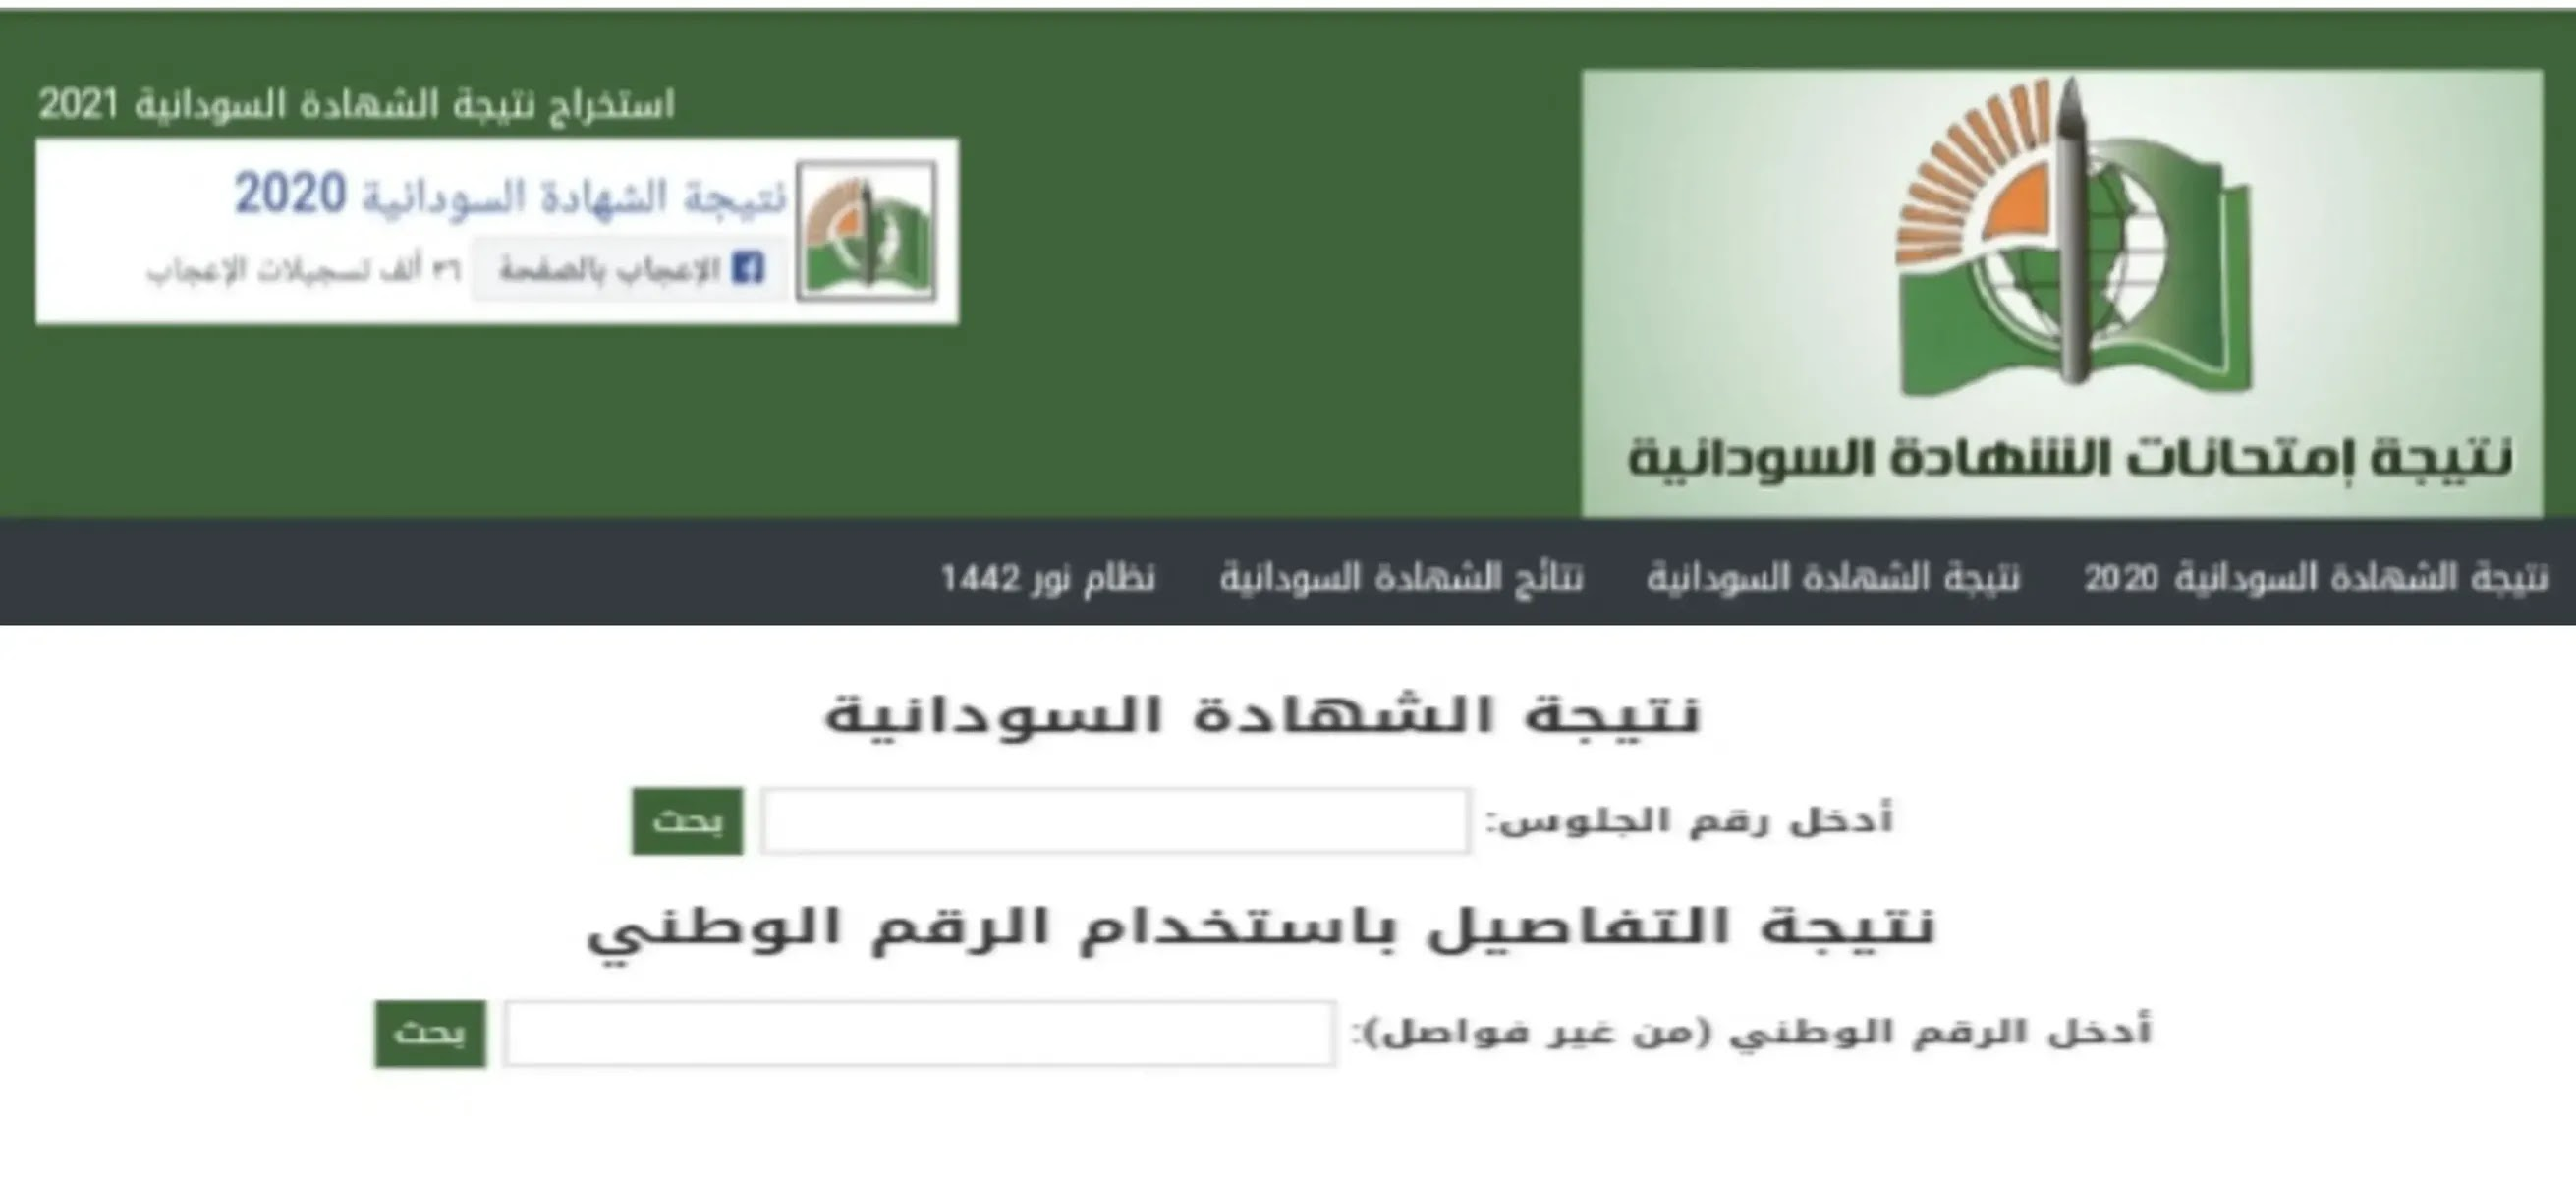 نتائج امتحانات ~ الان رابط نتيجة الشهادة السودانية 2021 sudanresults.com | نتائج الشهادة الثانوية السودانية برقم الجلوس